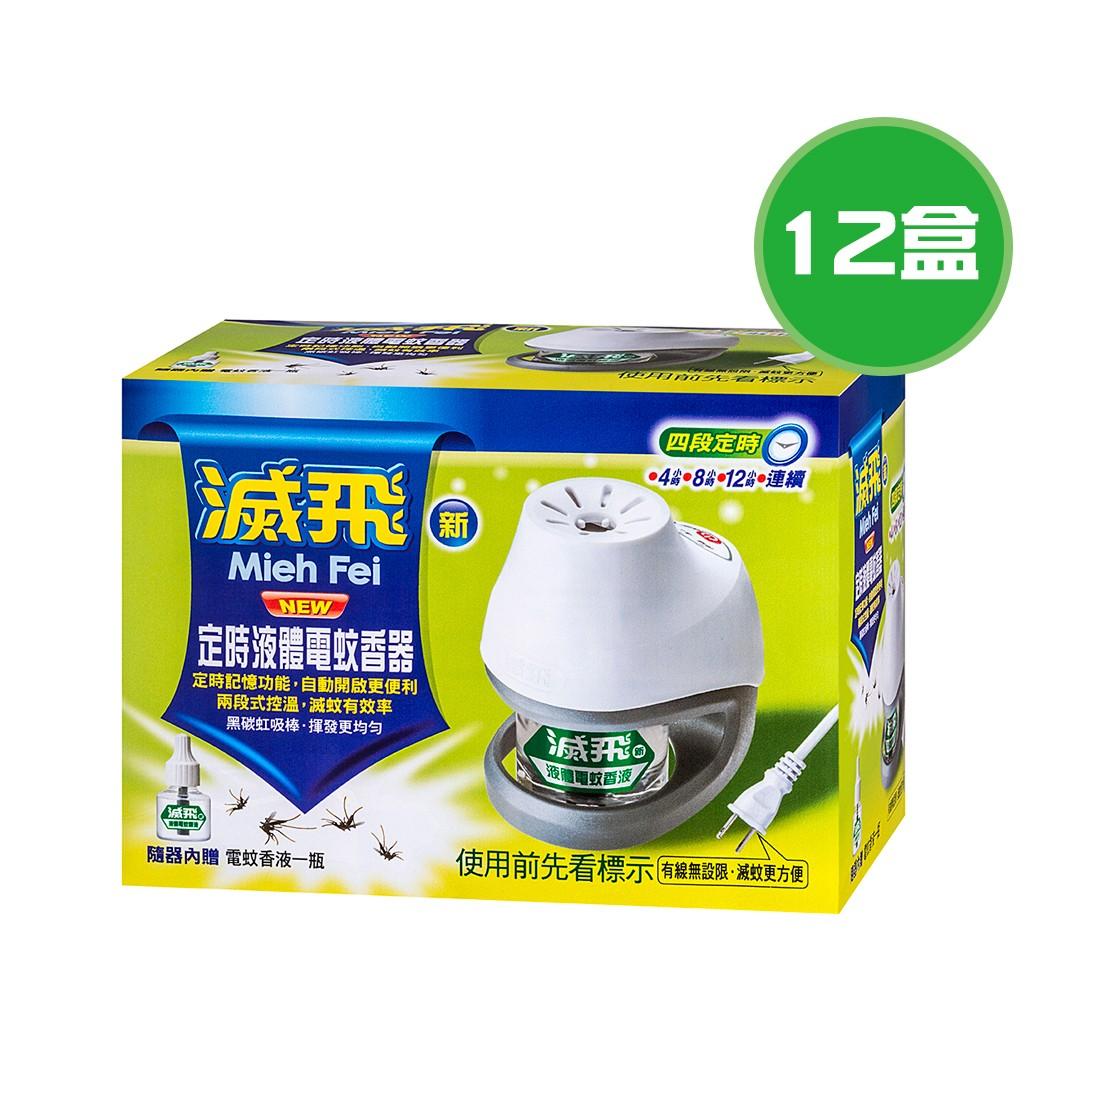 噴效通用噴霧殺蟲劑 6瓶(600ml/瓶)